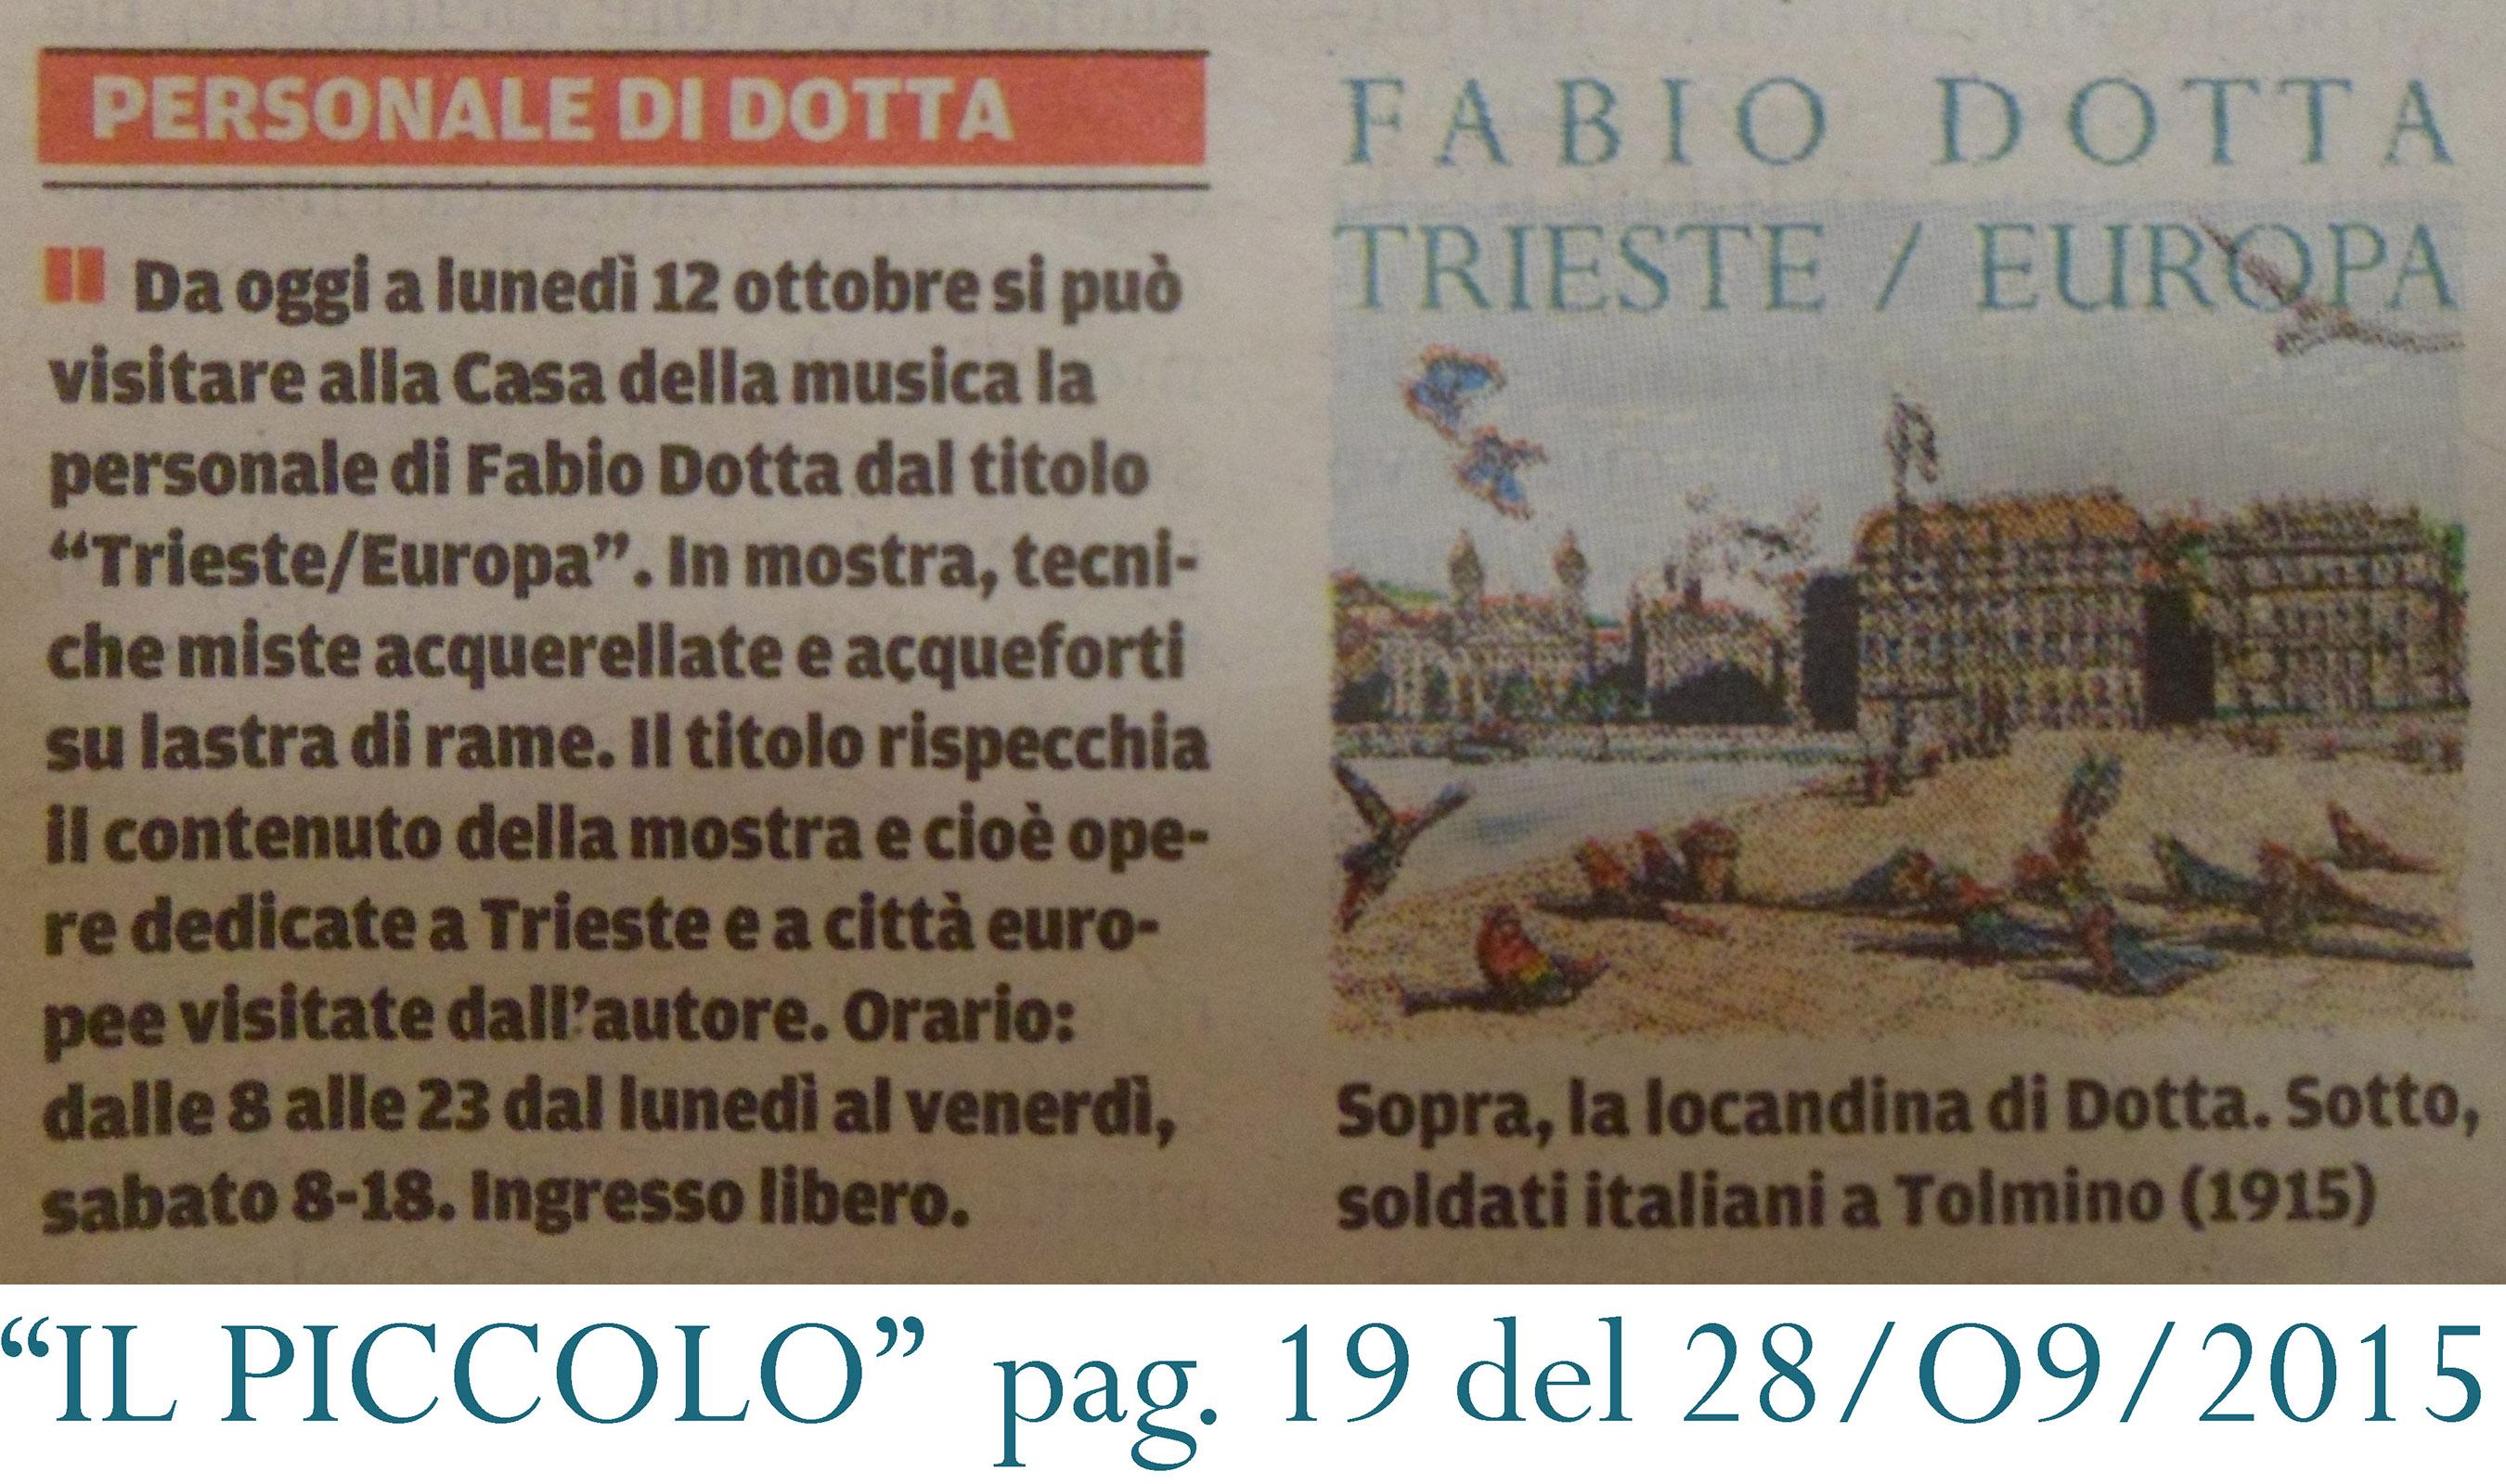 IL PICCOLO DI TRIESTE_TRIESTE_EUROPA pag 19 28_09_2015